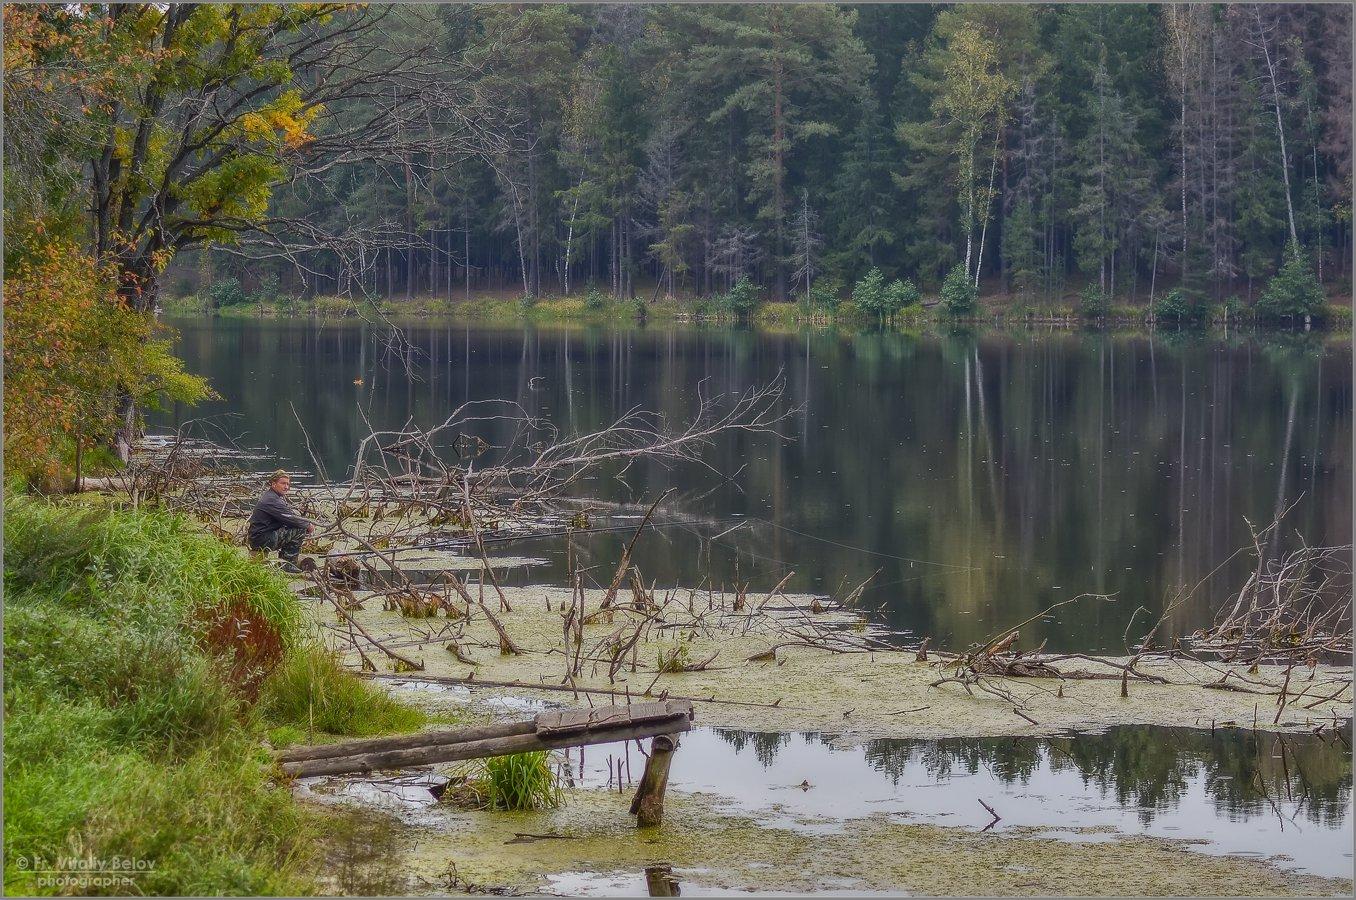 Одинокий рыбак (снимок сделан 15 сентября 2012 г.)